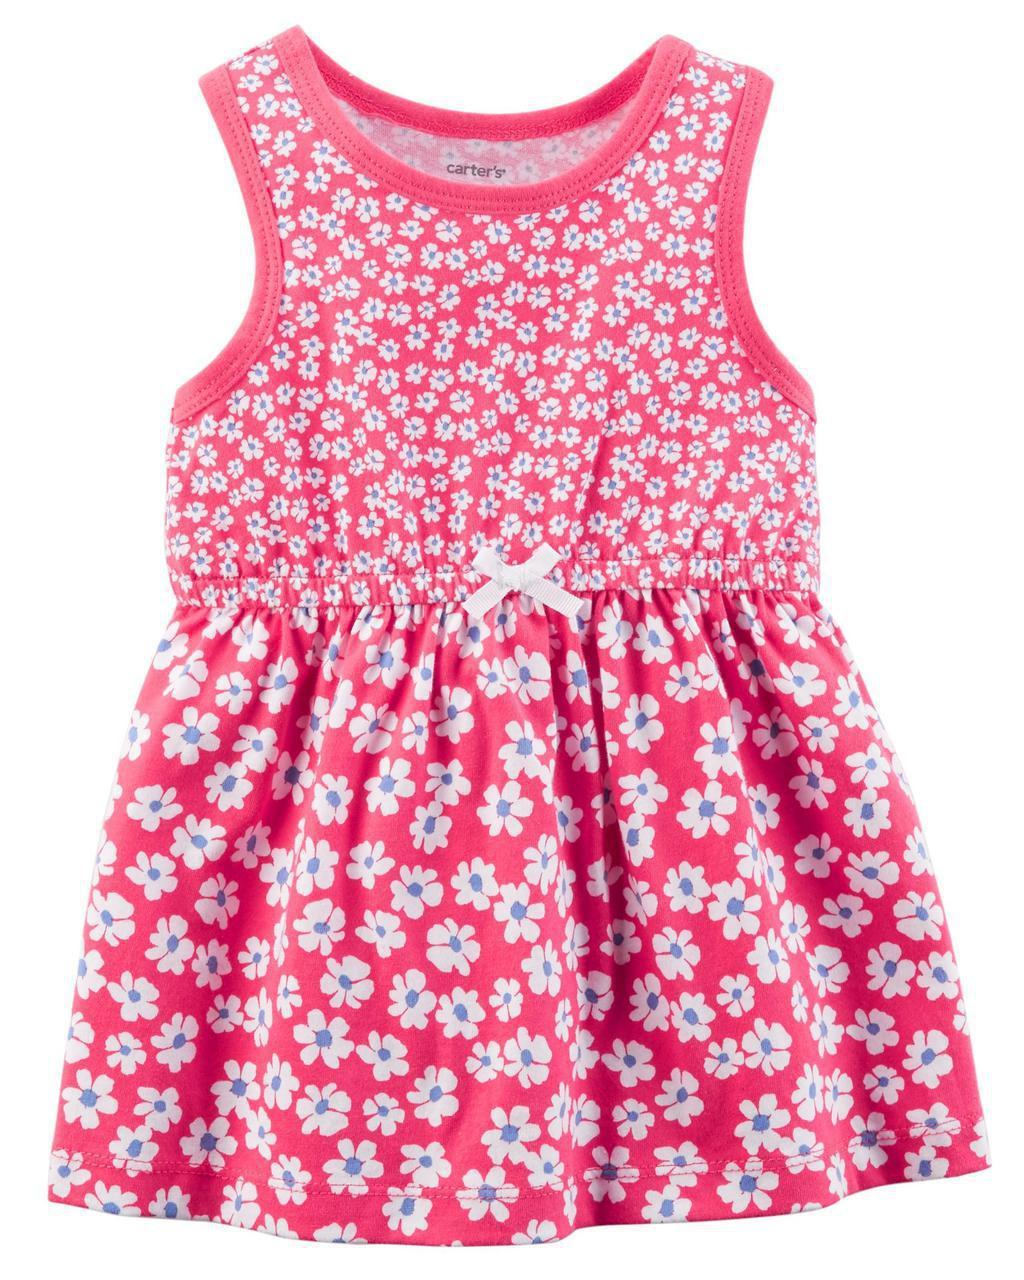 Летнее платье + трусики Carters для девочки 12 месяцев 72-78 см. Комплект 2-ка